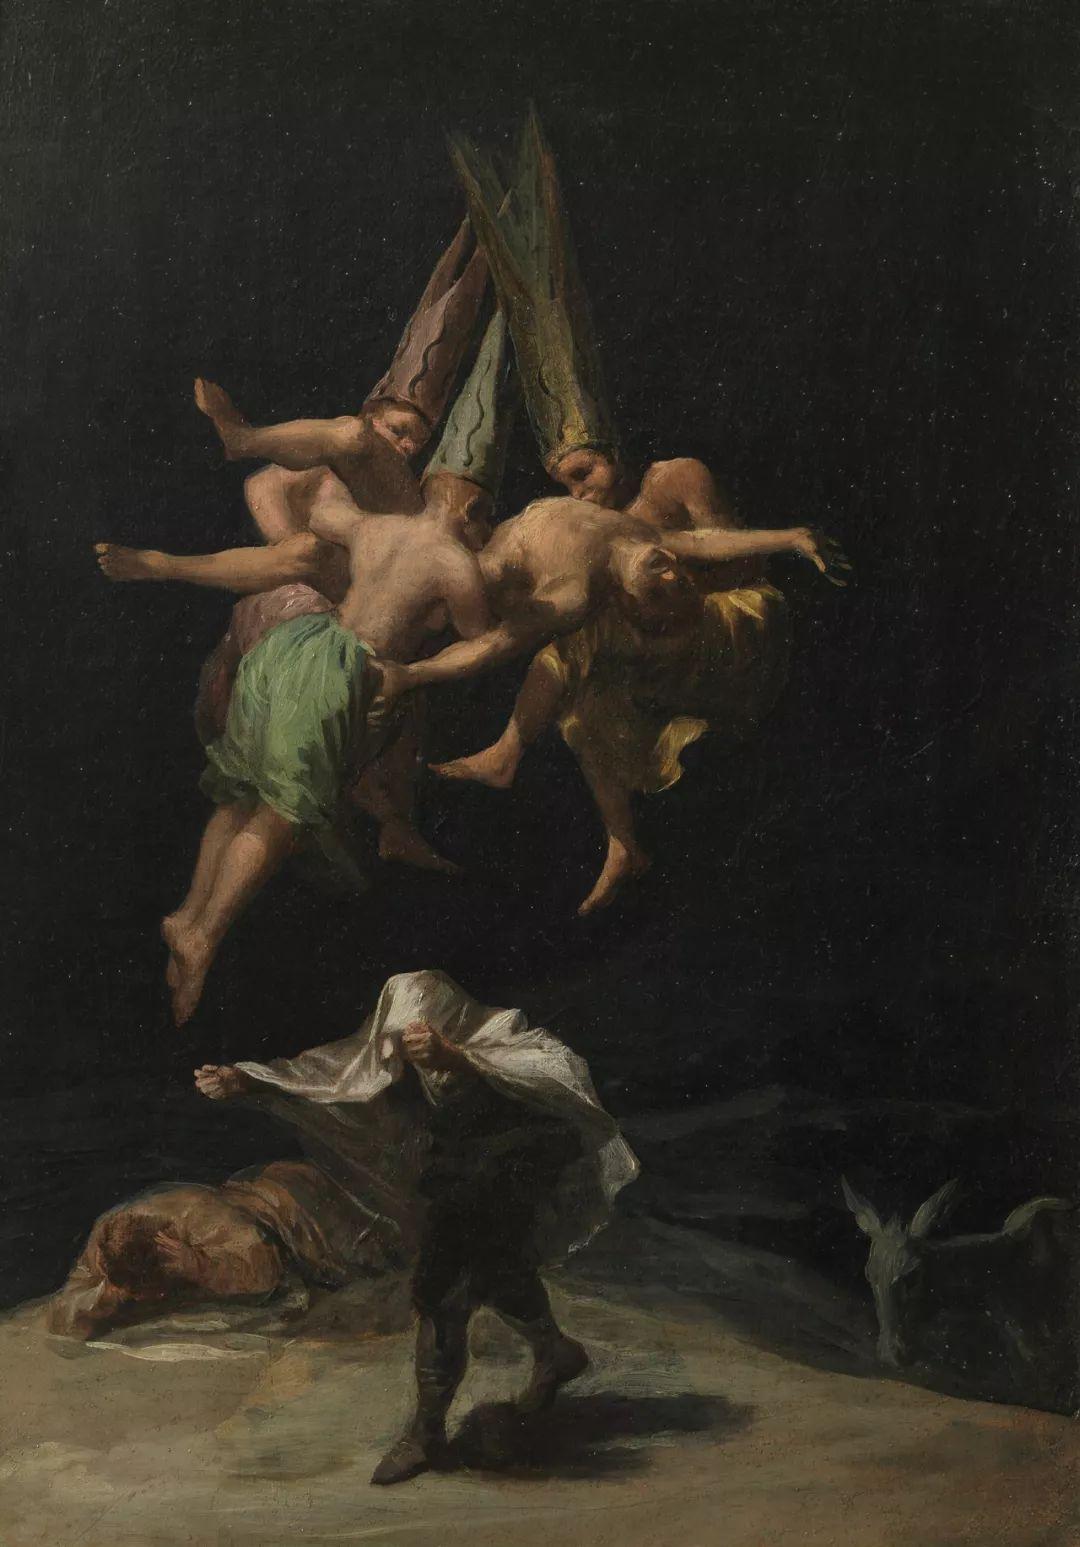 画风奇异的天才戈雅,画作震撼,他被称为浪漫主义最后的大师!插图167